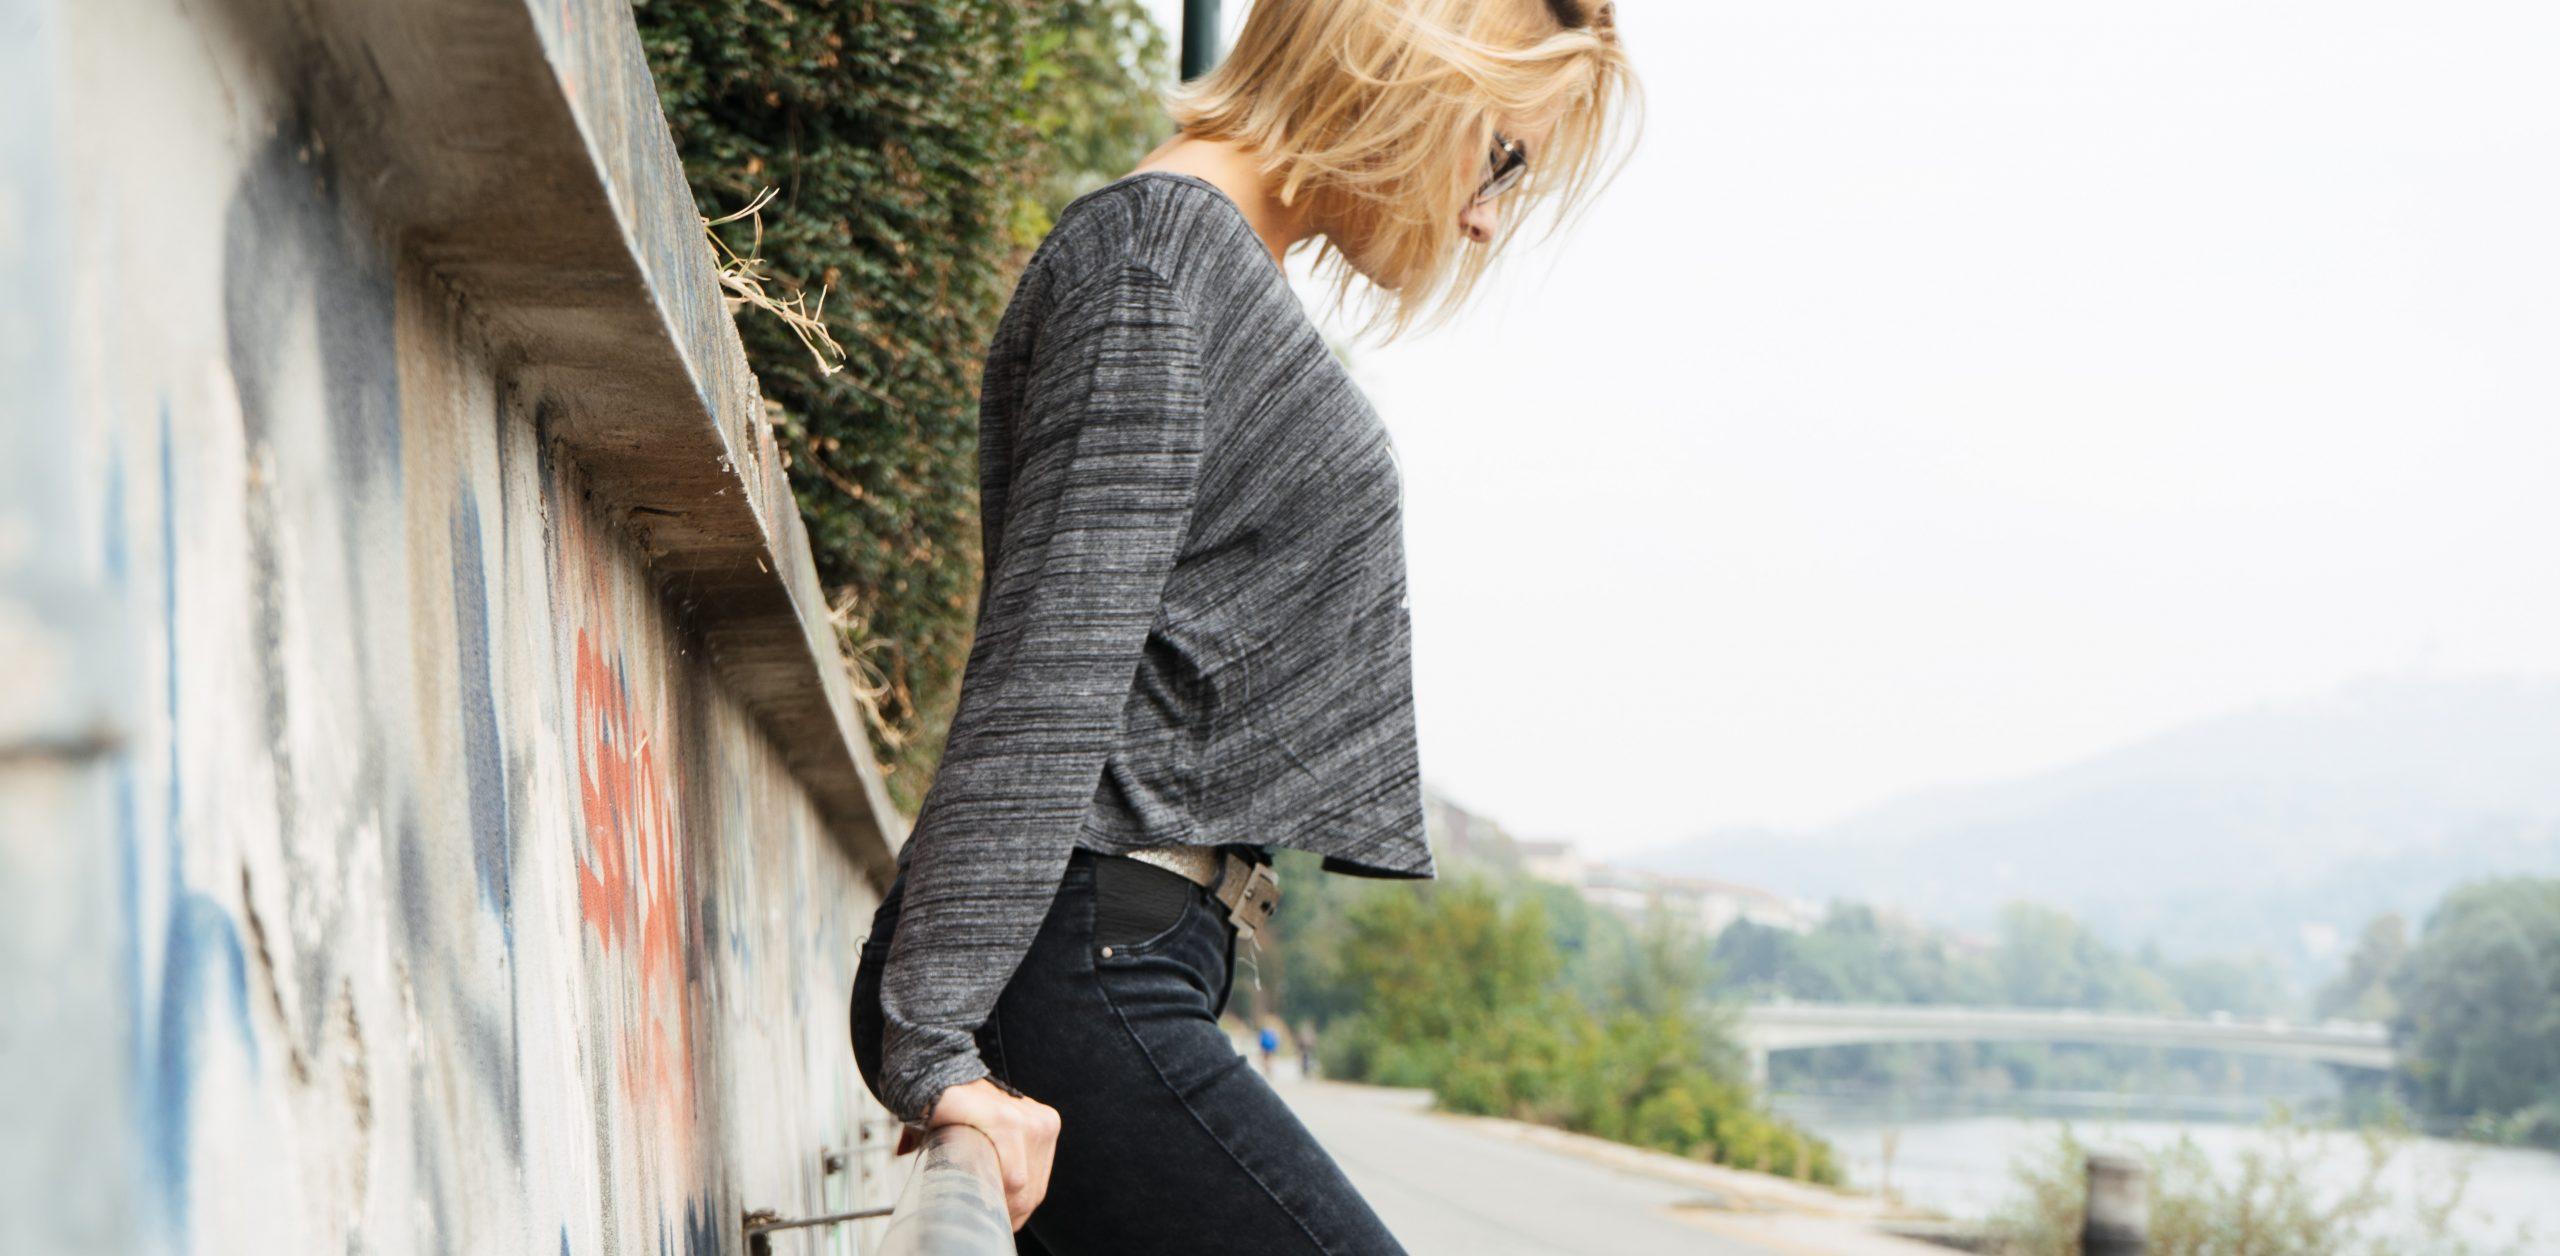 IL CERVELLO ADOLESCENTE E IL LATO BUONO DEL CONFLITTO